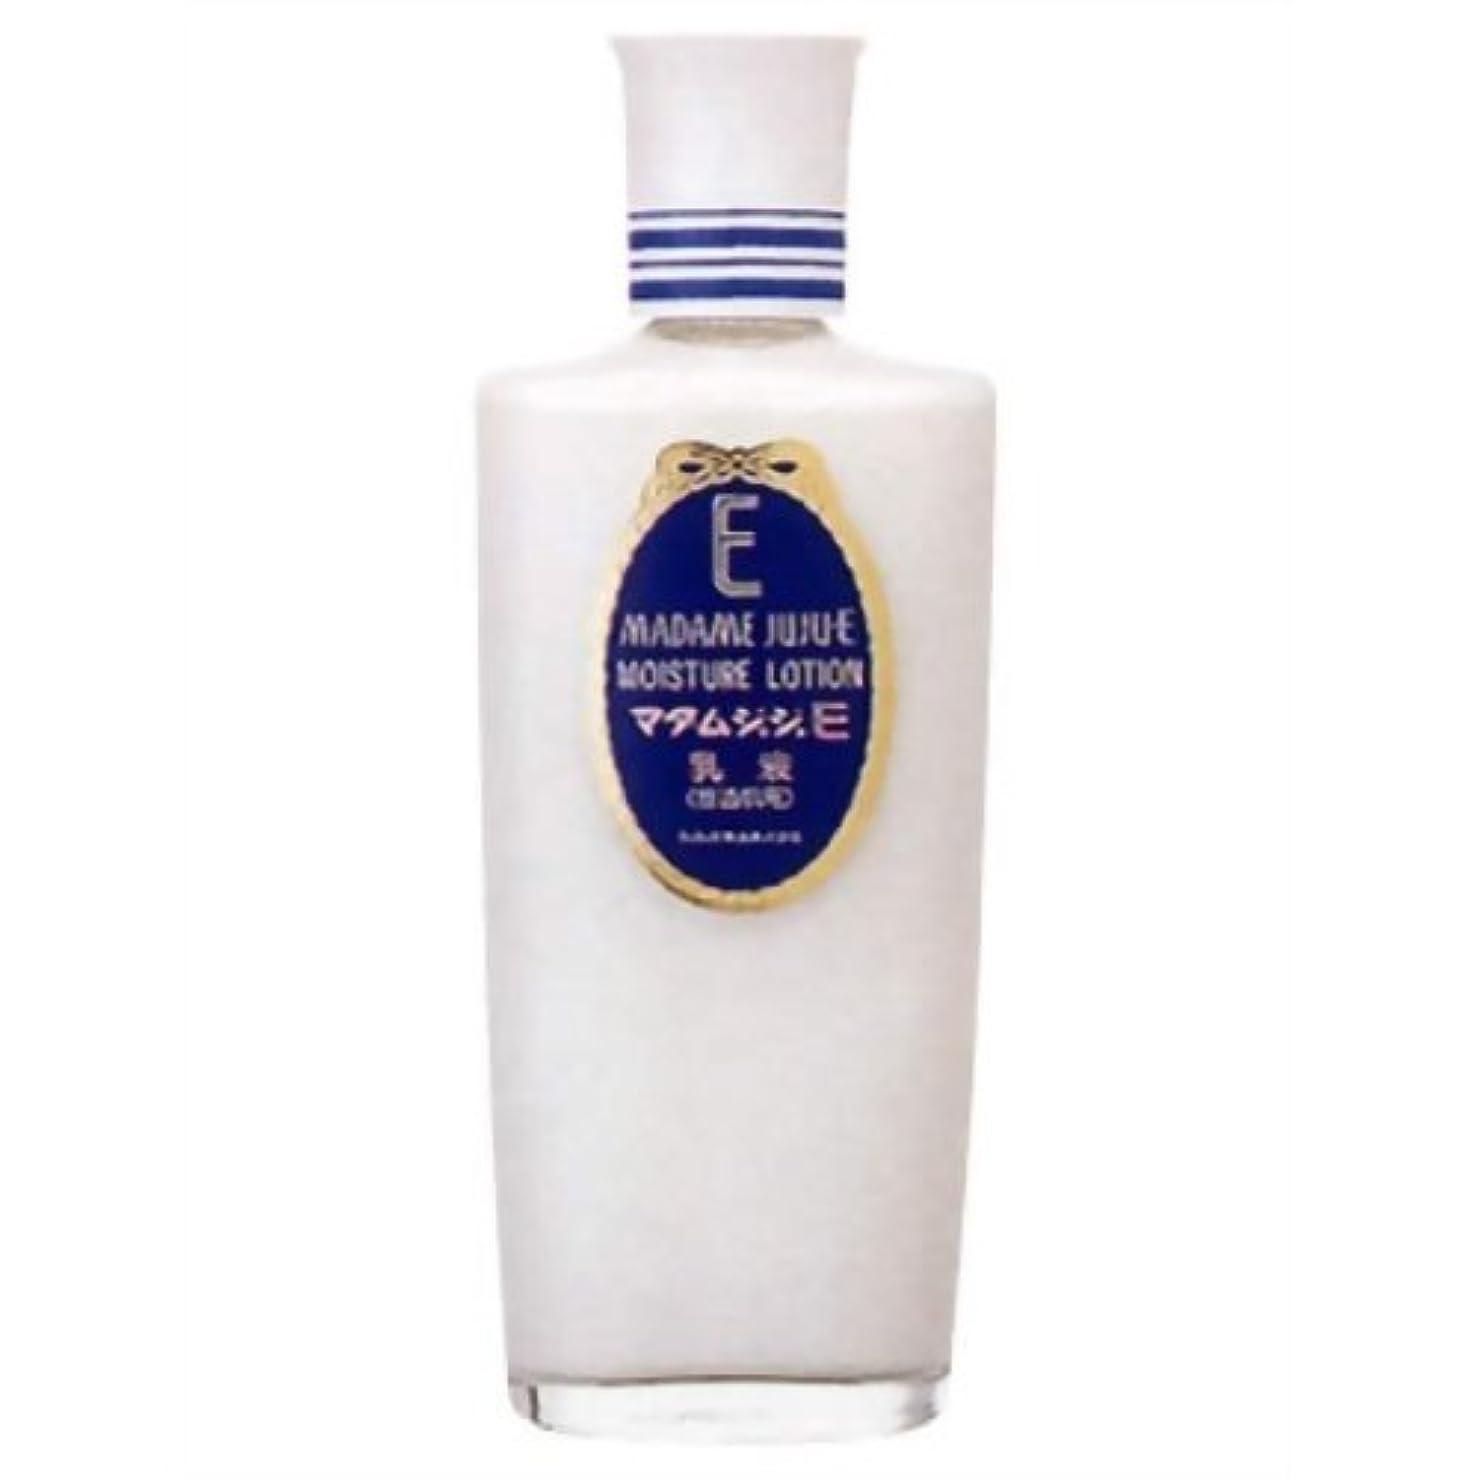 ミットスチュワーデスレパートリーマダムジュジュE 乳液 ビタミンE+卵黄リポイド配合 150ml